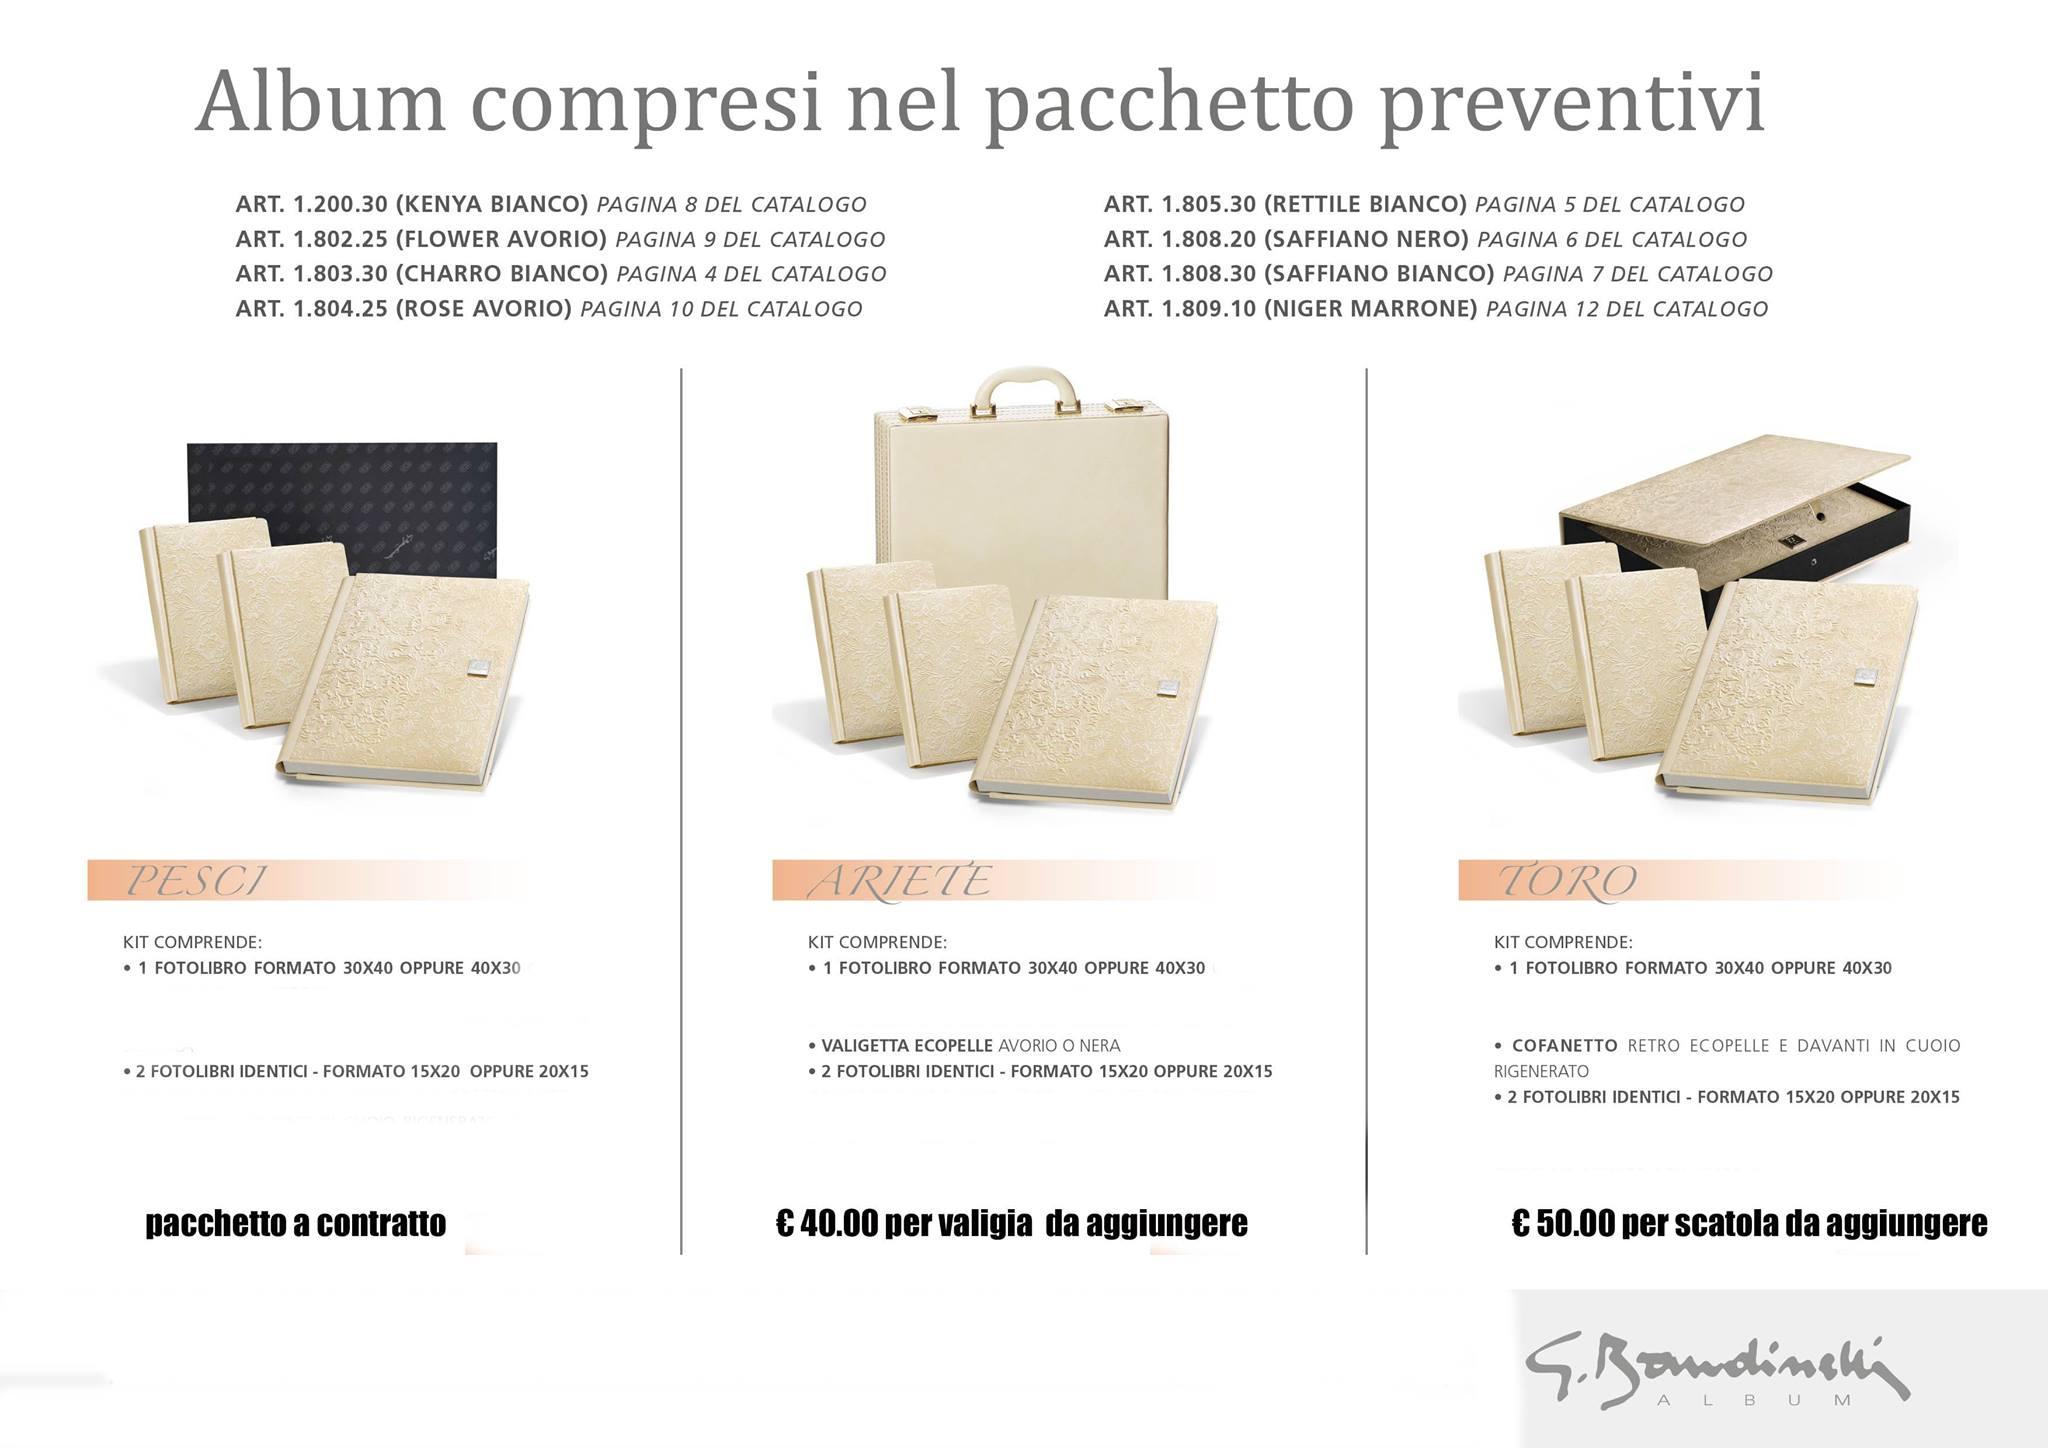 Stefano Franceschini pacchetto preventivi